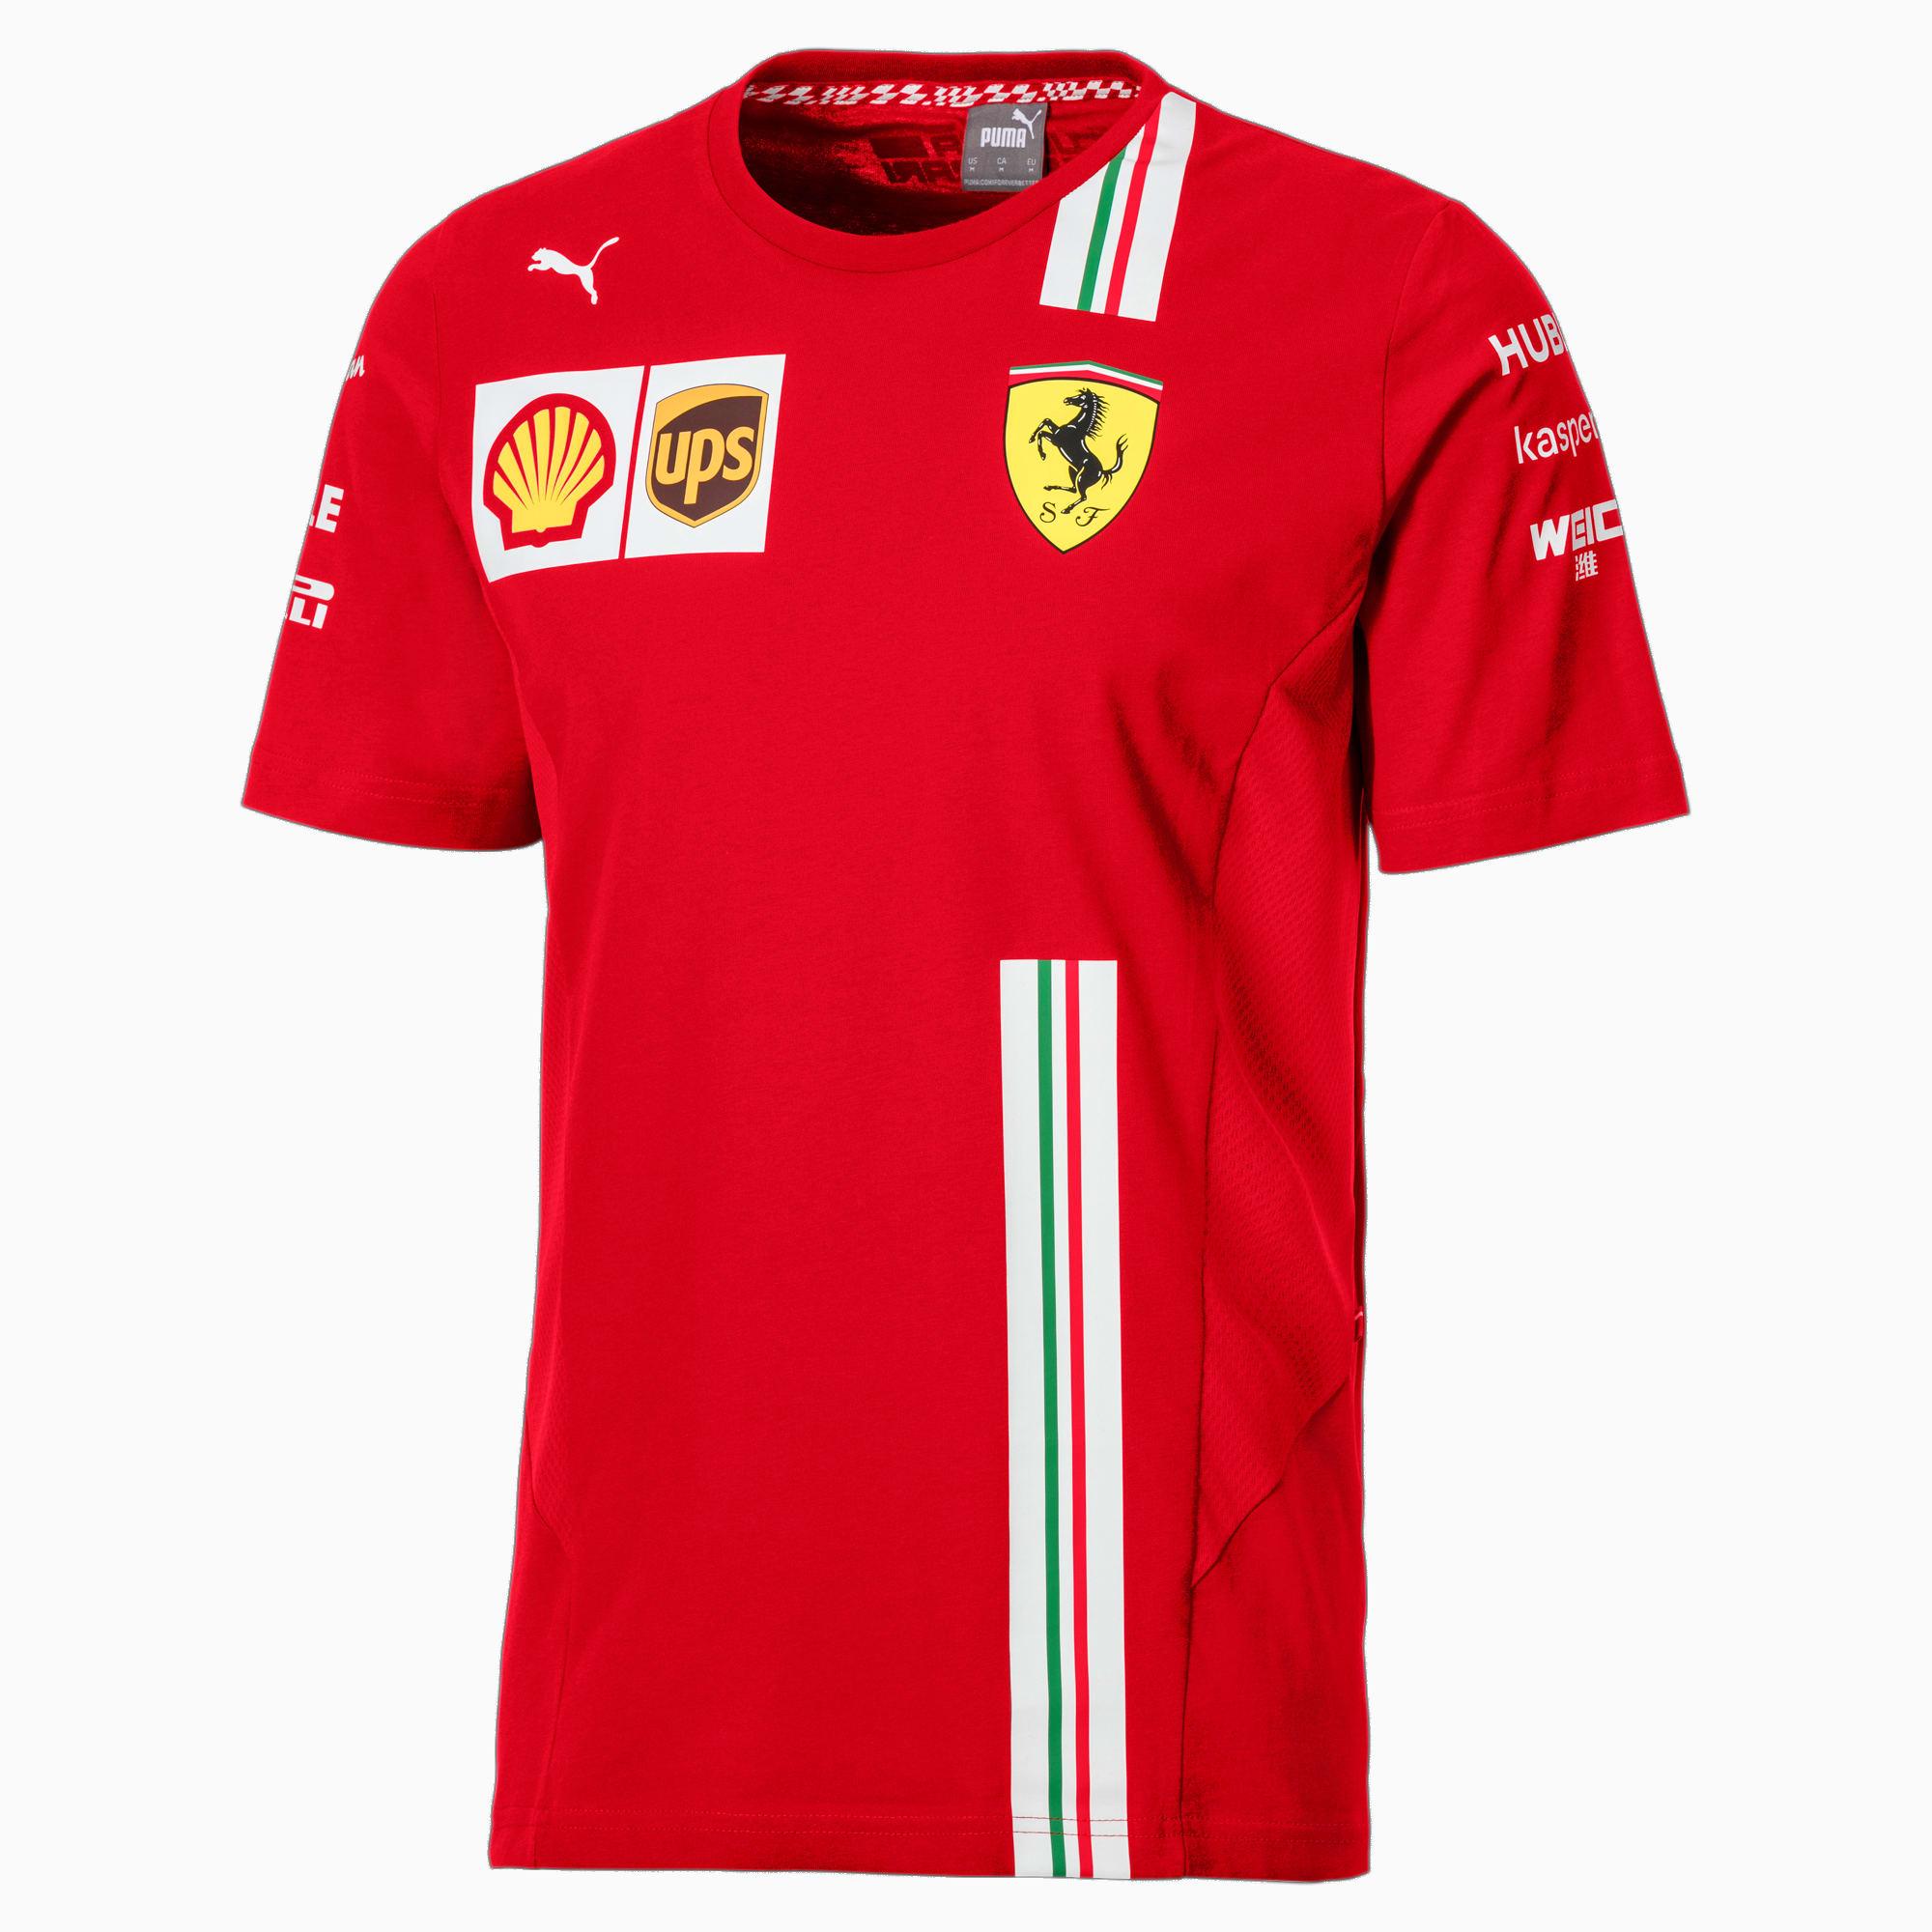 Ferrari Team Herren T Shirt